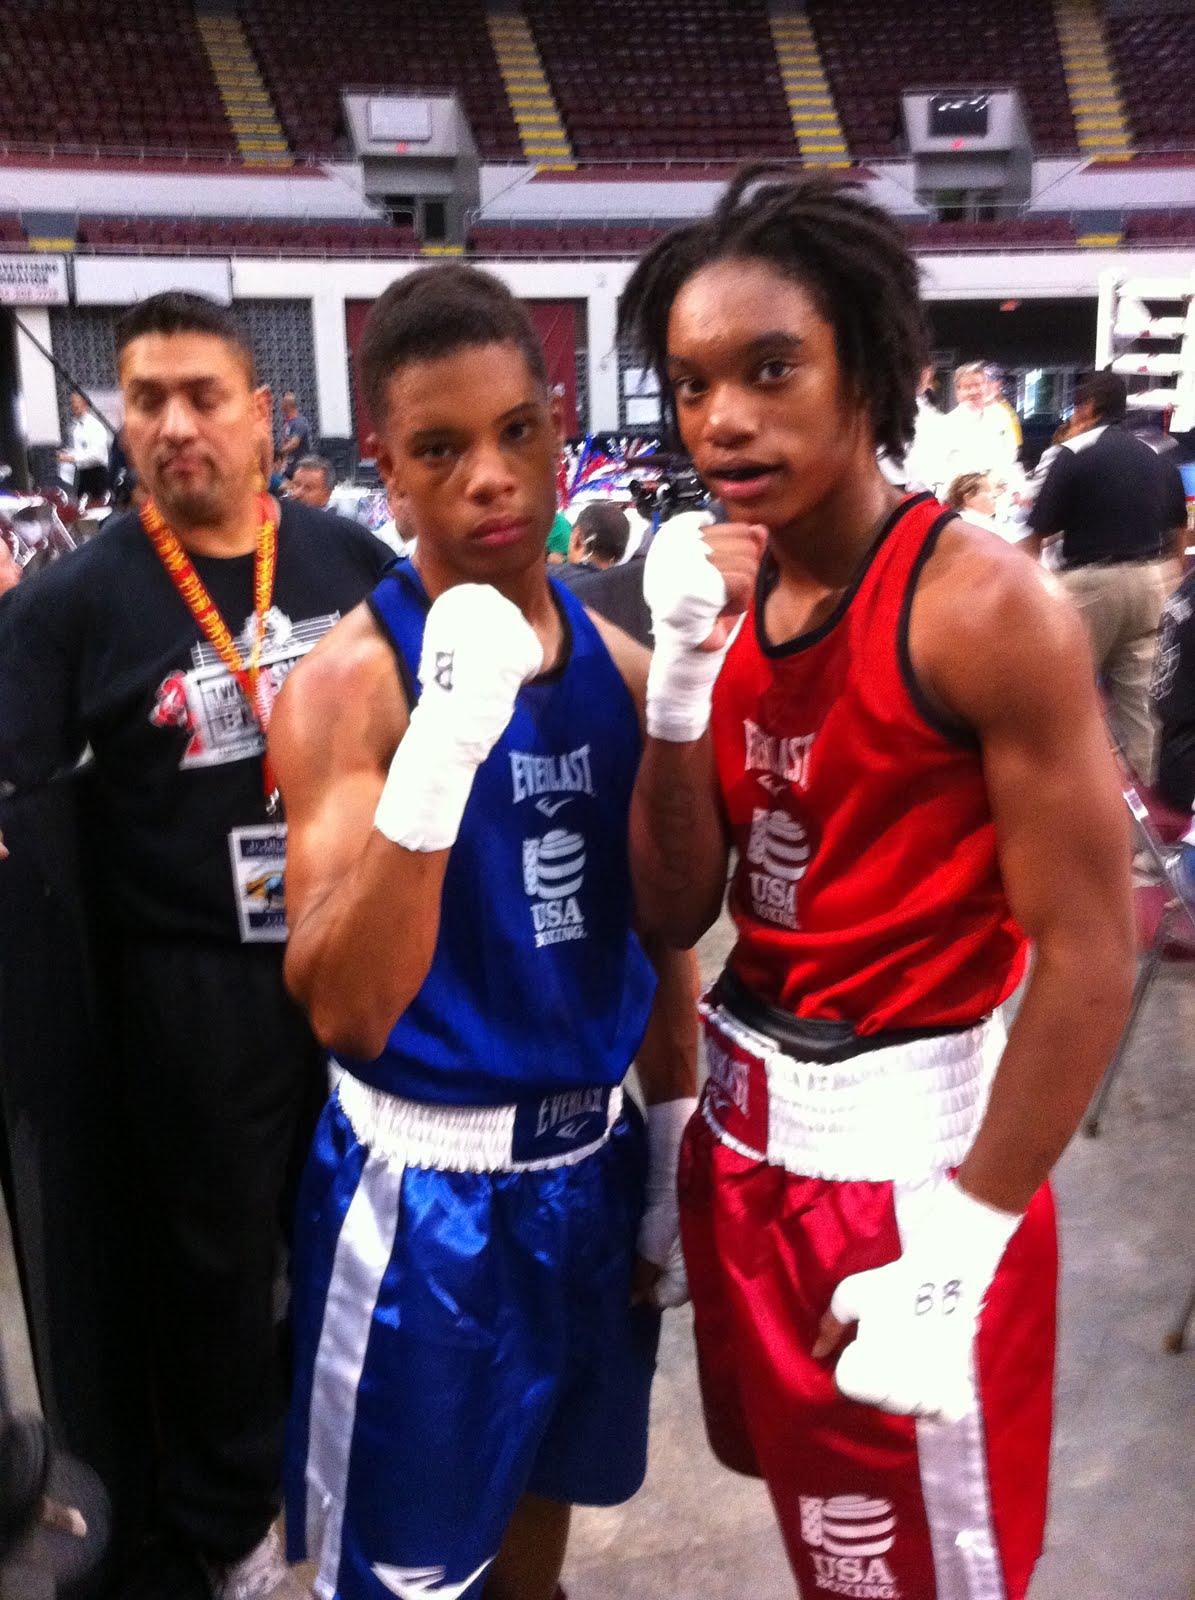 championship Amateur boxing